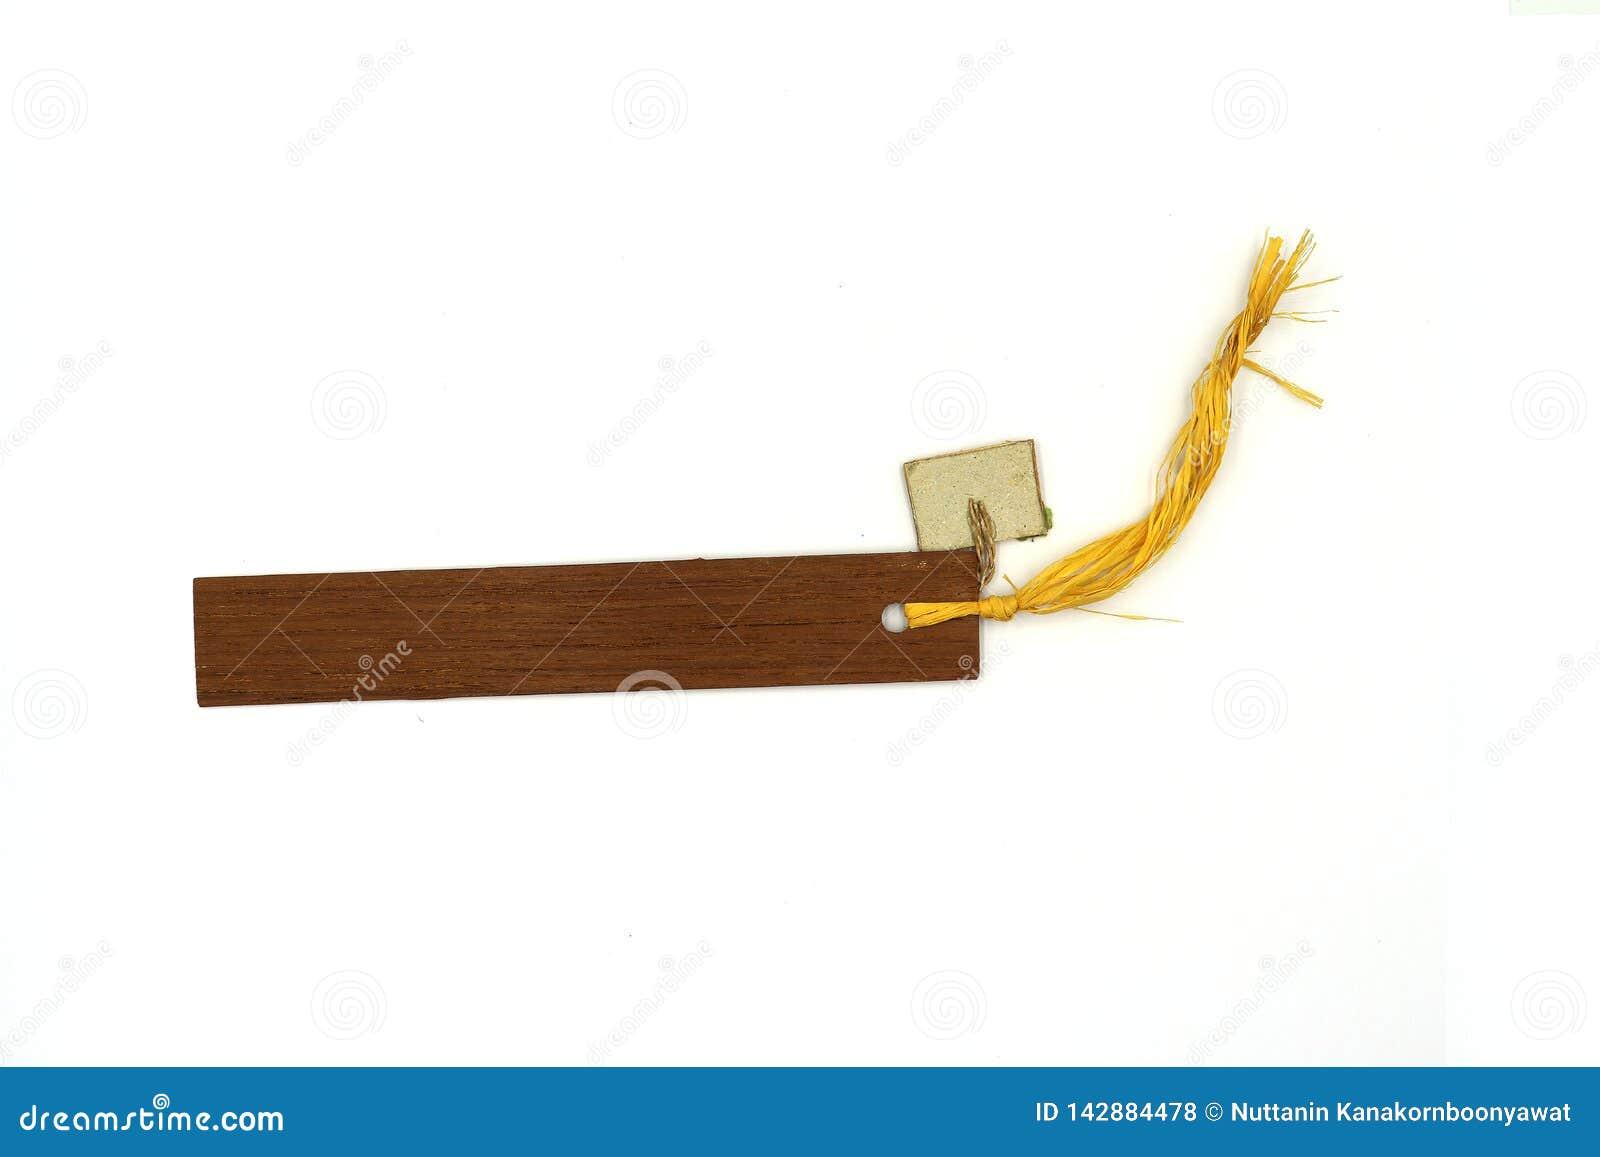 Деревенская деревянная бирка с тонкой веревочкой, деревянной меткой книги изолированной на белой предпосылке